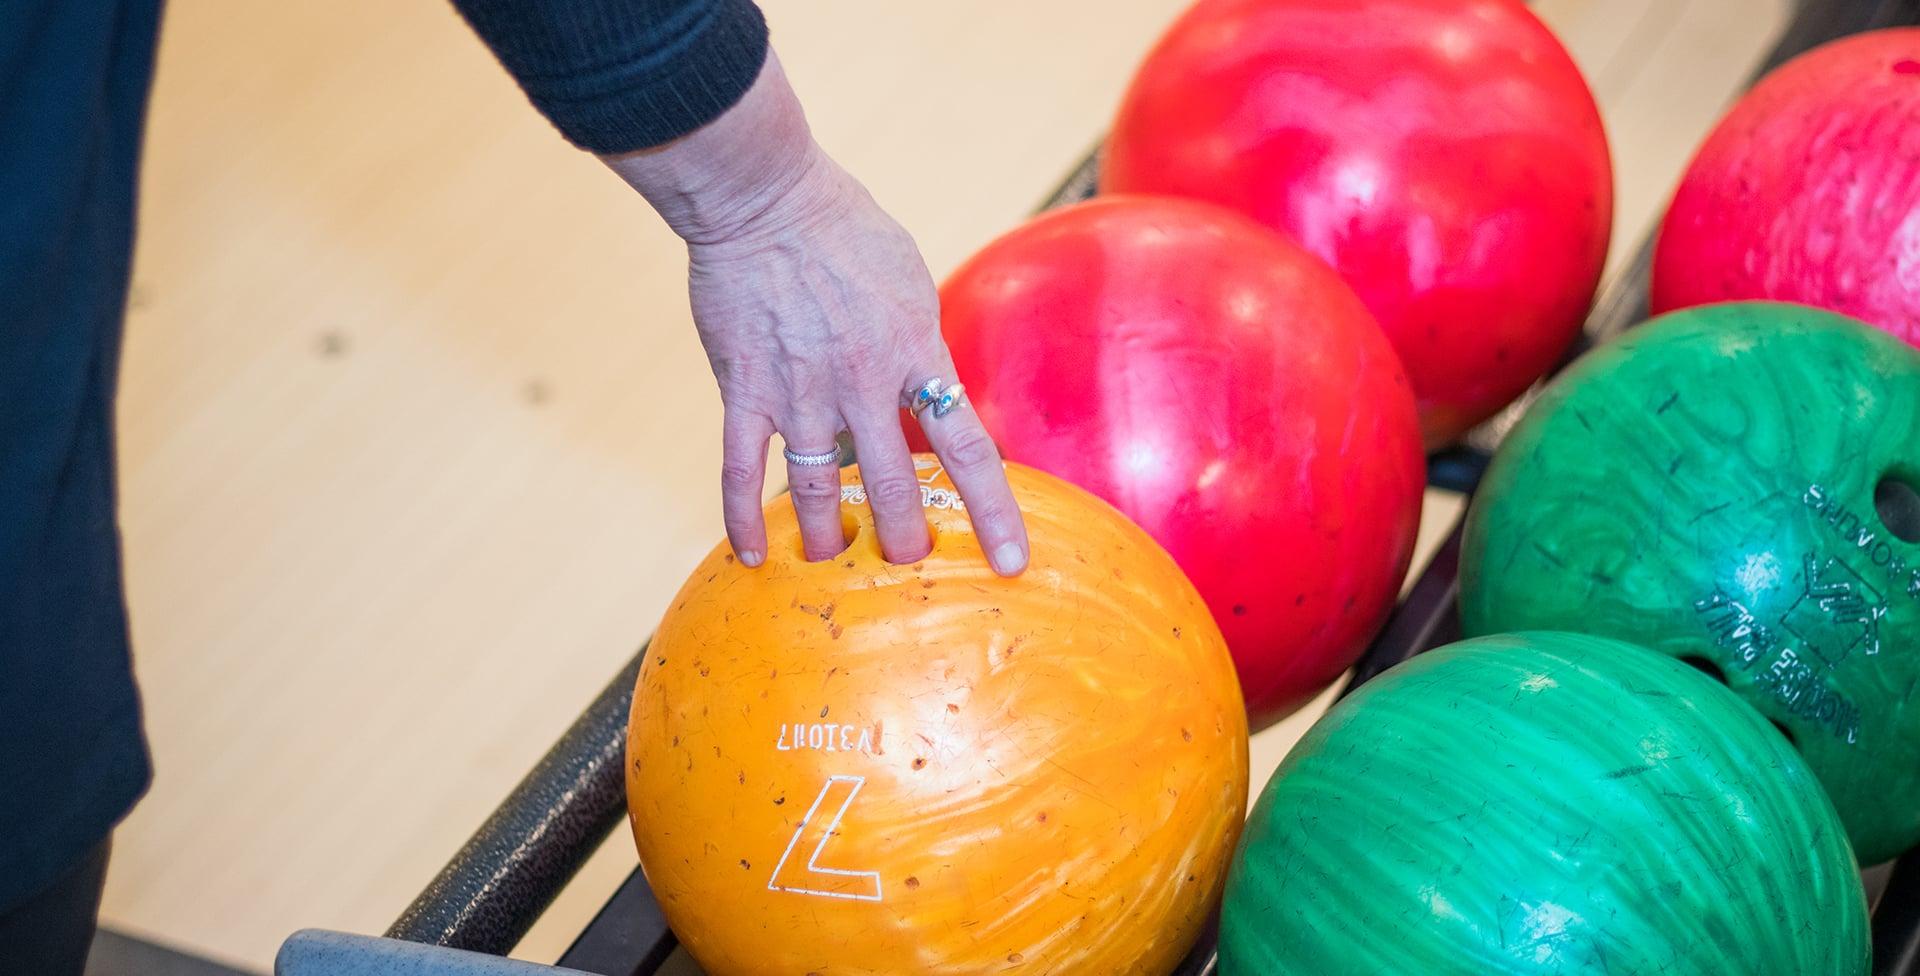 bowlingkugler